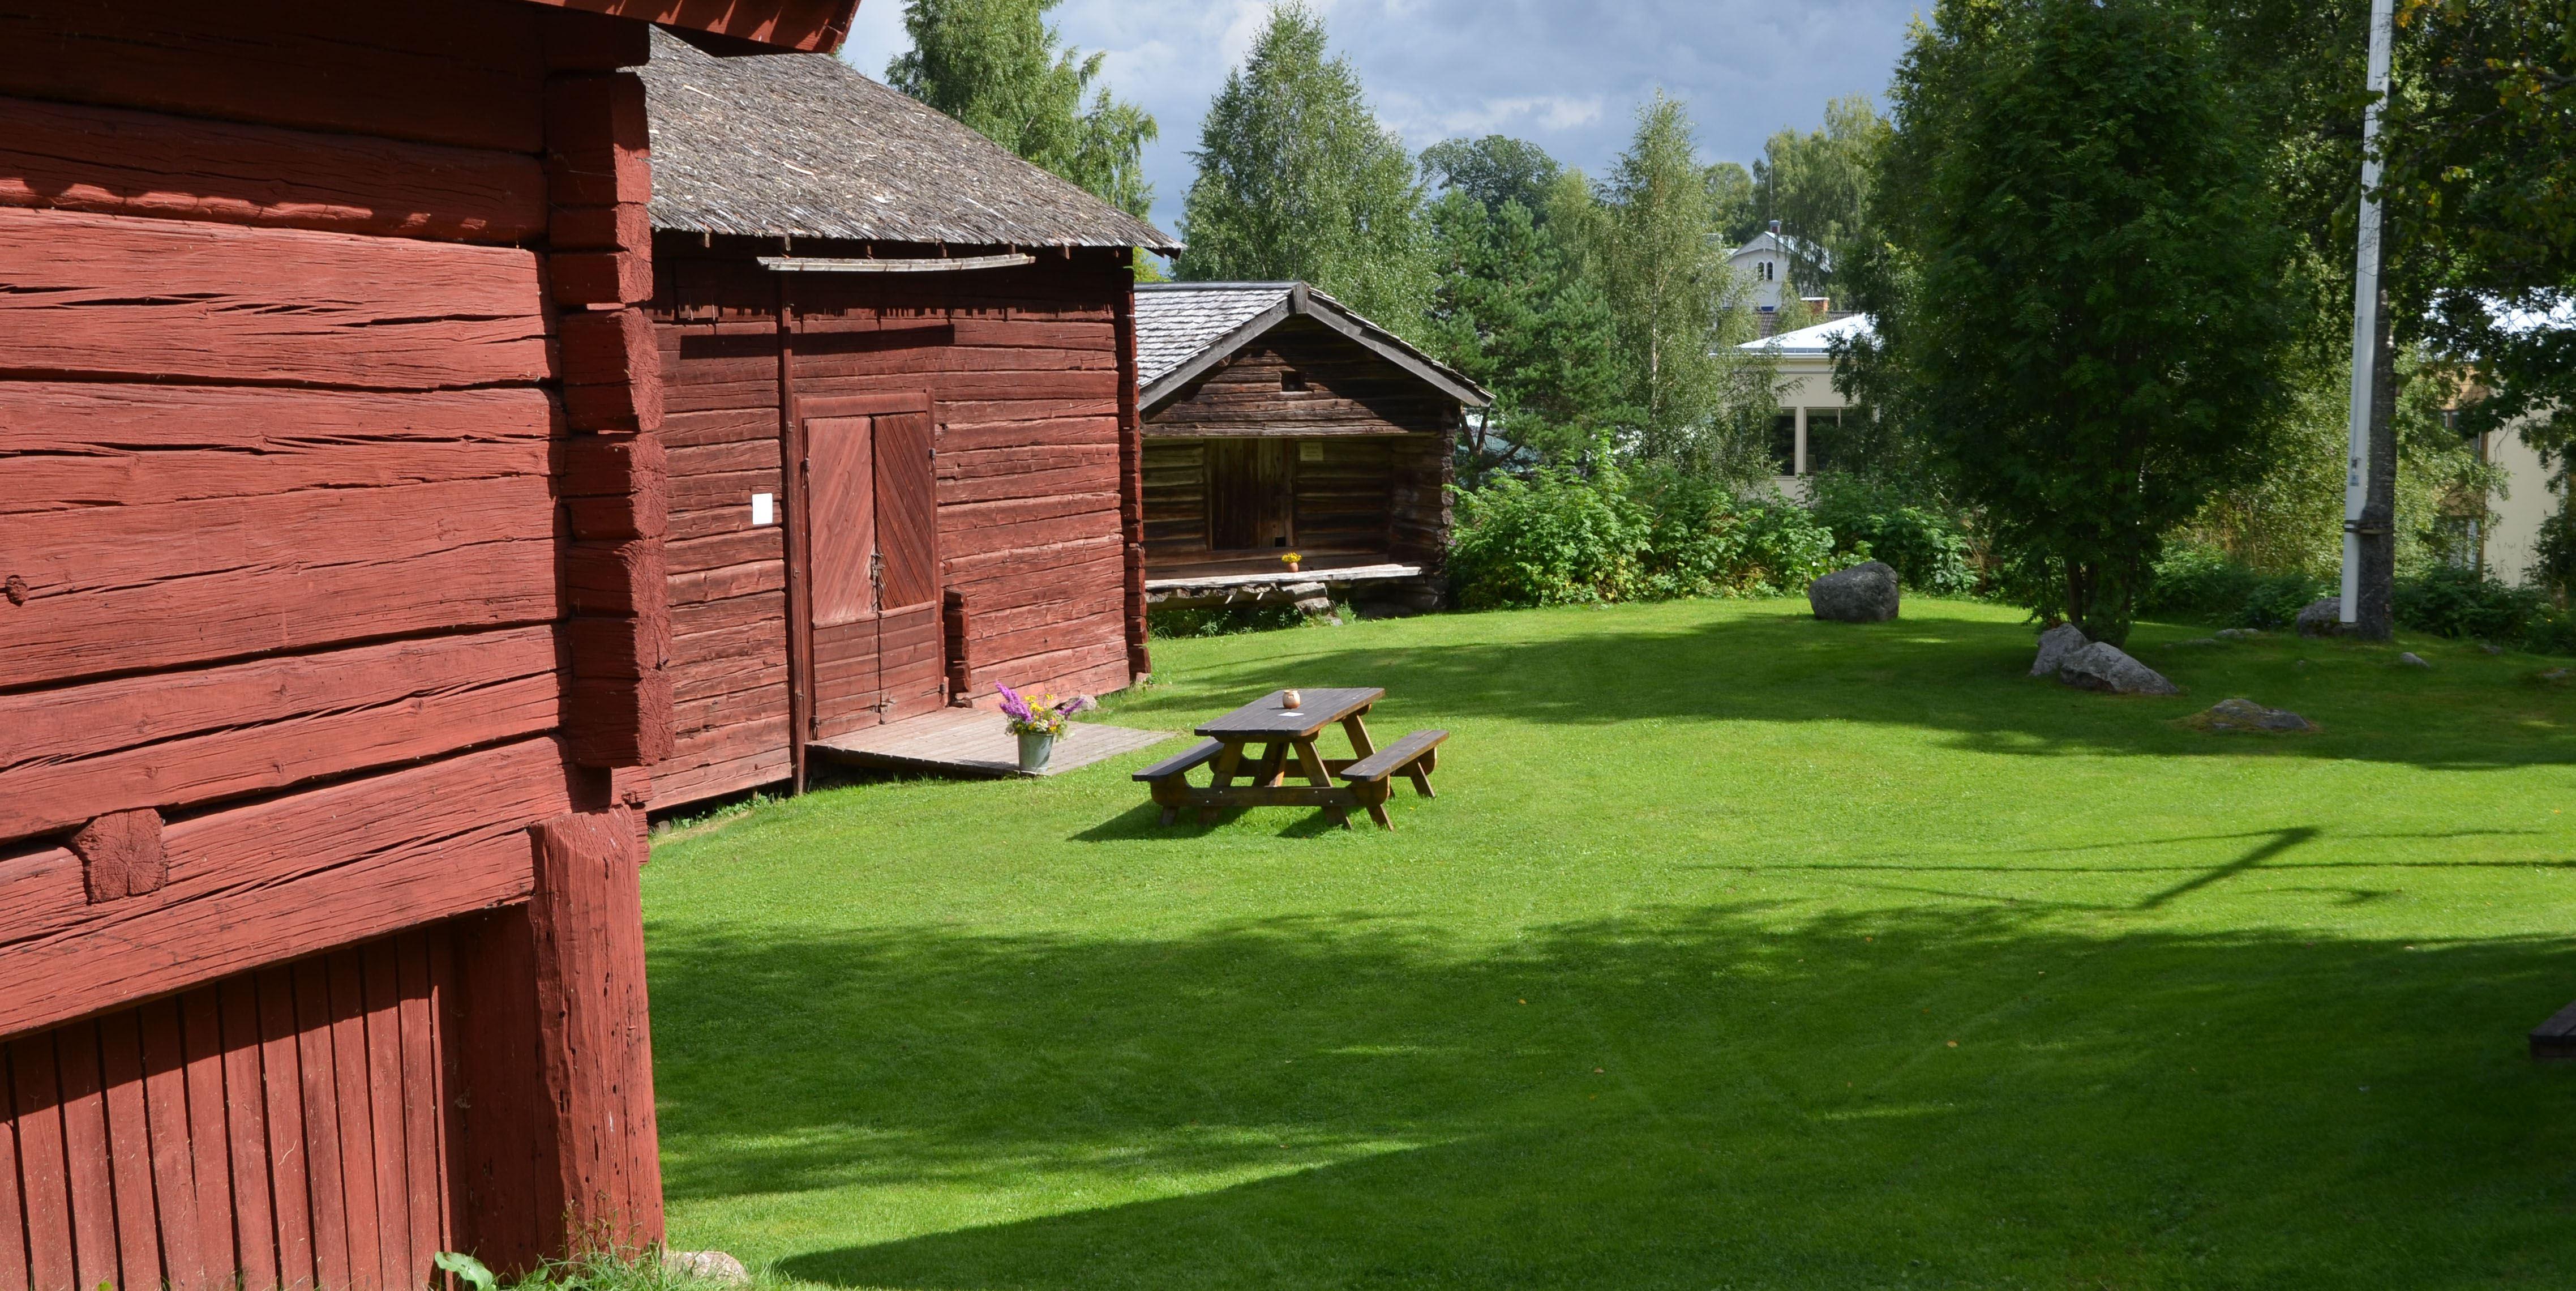 Spel och danskväll på Pålsgården